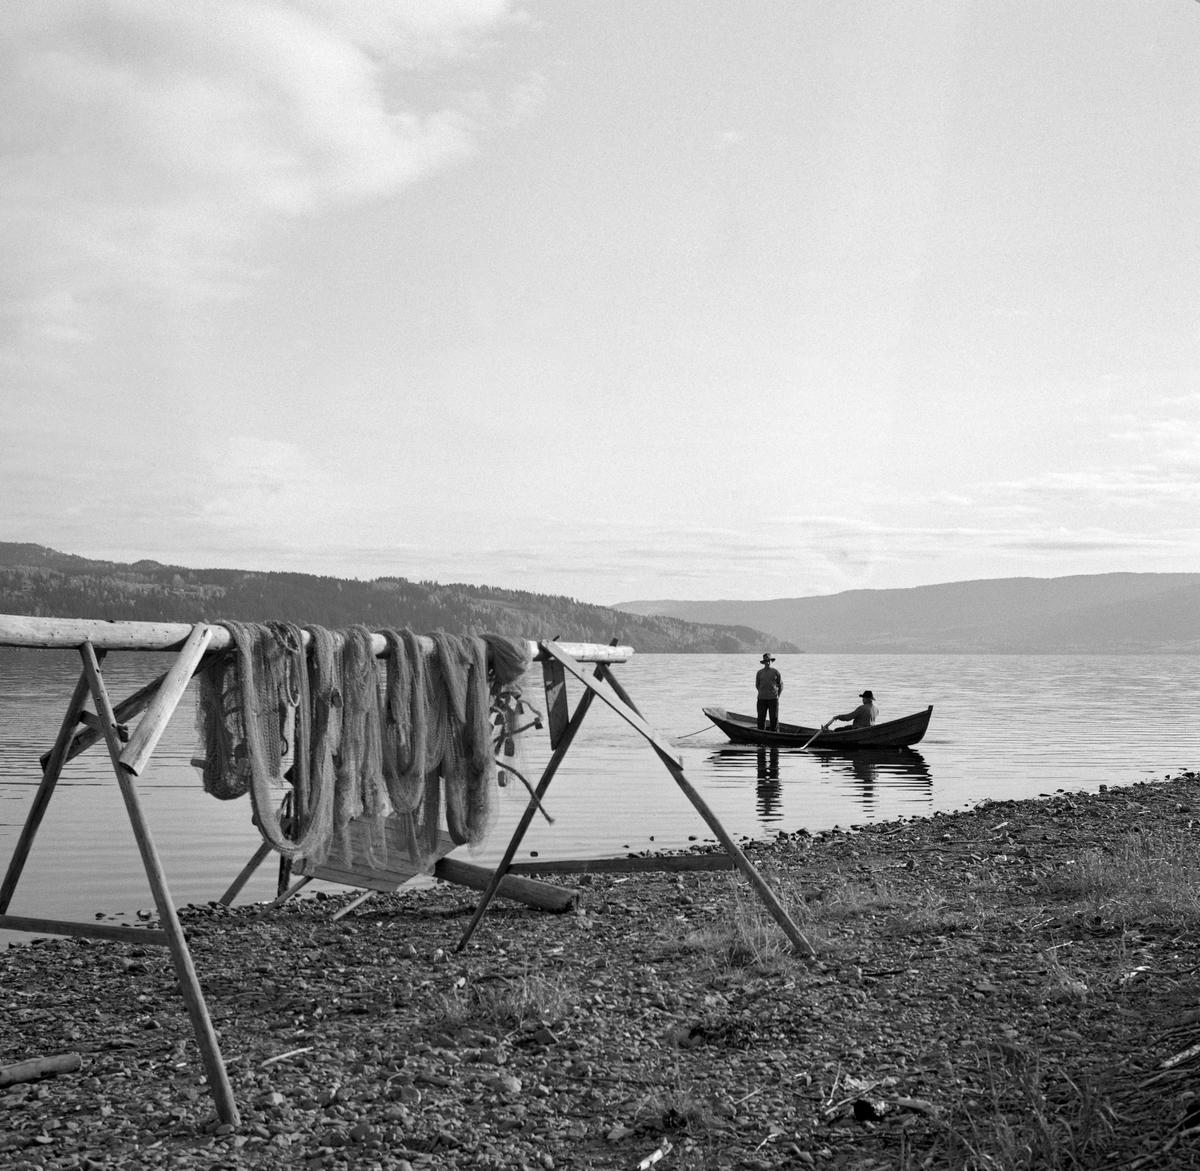 Lågåsildfisket. Sildenot til tørk på Borudodden. Notdraing. Bildet viser sildenot til tørk i forgrunnen, ellers ser vi to karer i ei åfløy som står og drar inn nota. Bildet er tatt i forbindelse med innspillingen av en film om lågåsildfiske i 1963.